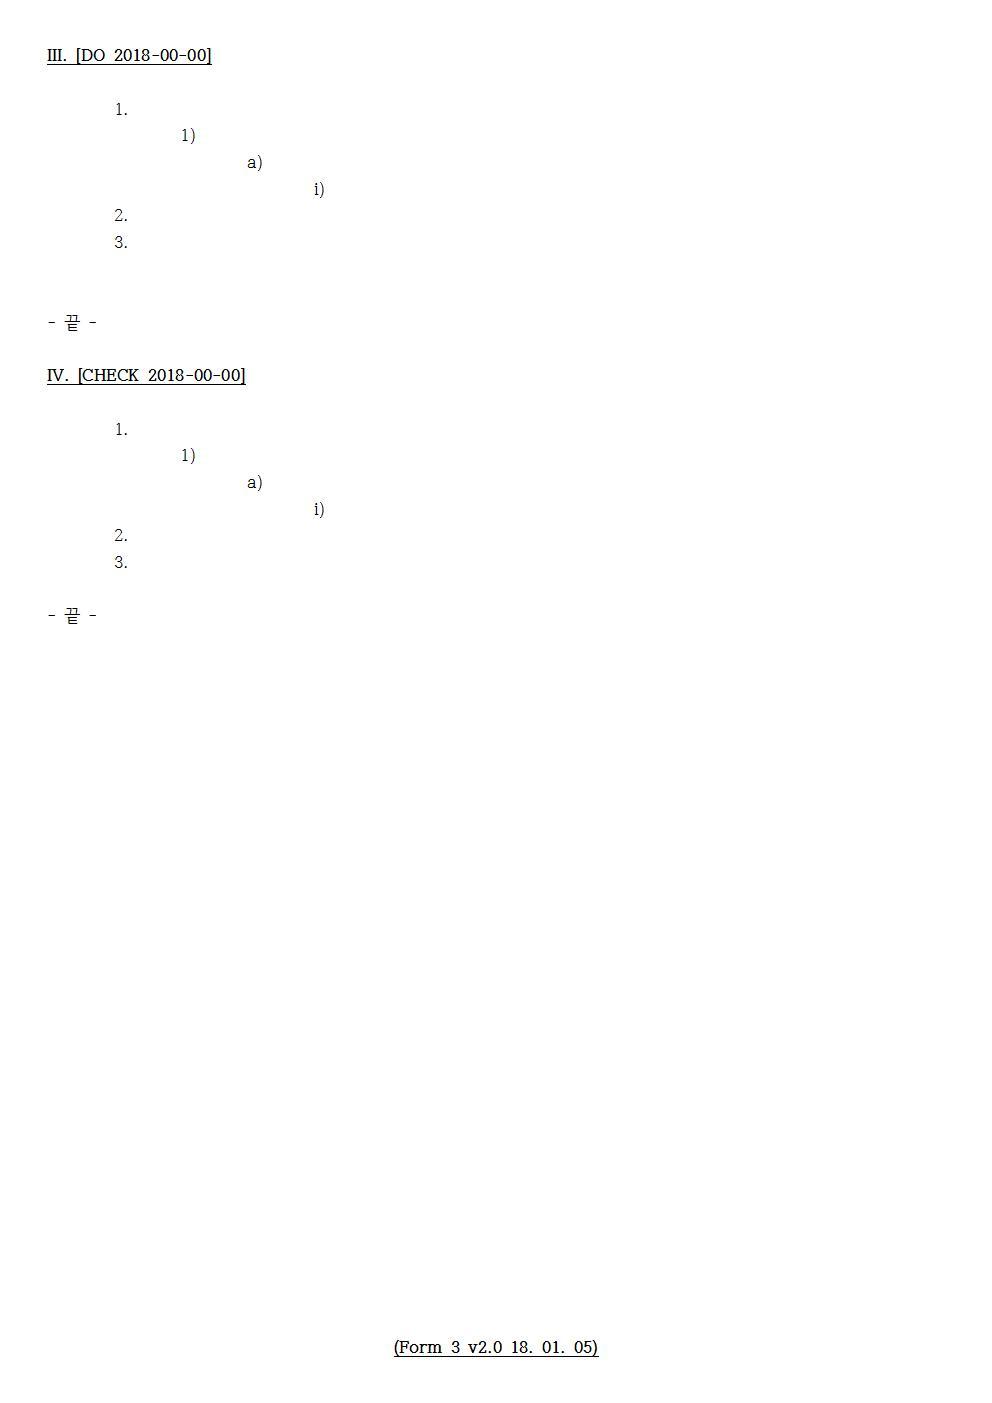 D-[18-047-BZ-07]-[BZEN HP v3.0]-[2018-09-13][JS]003.jpg